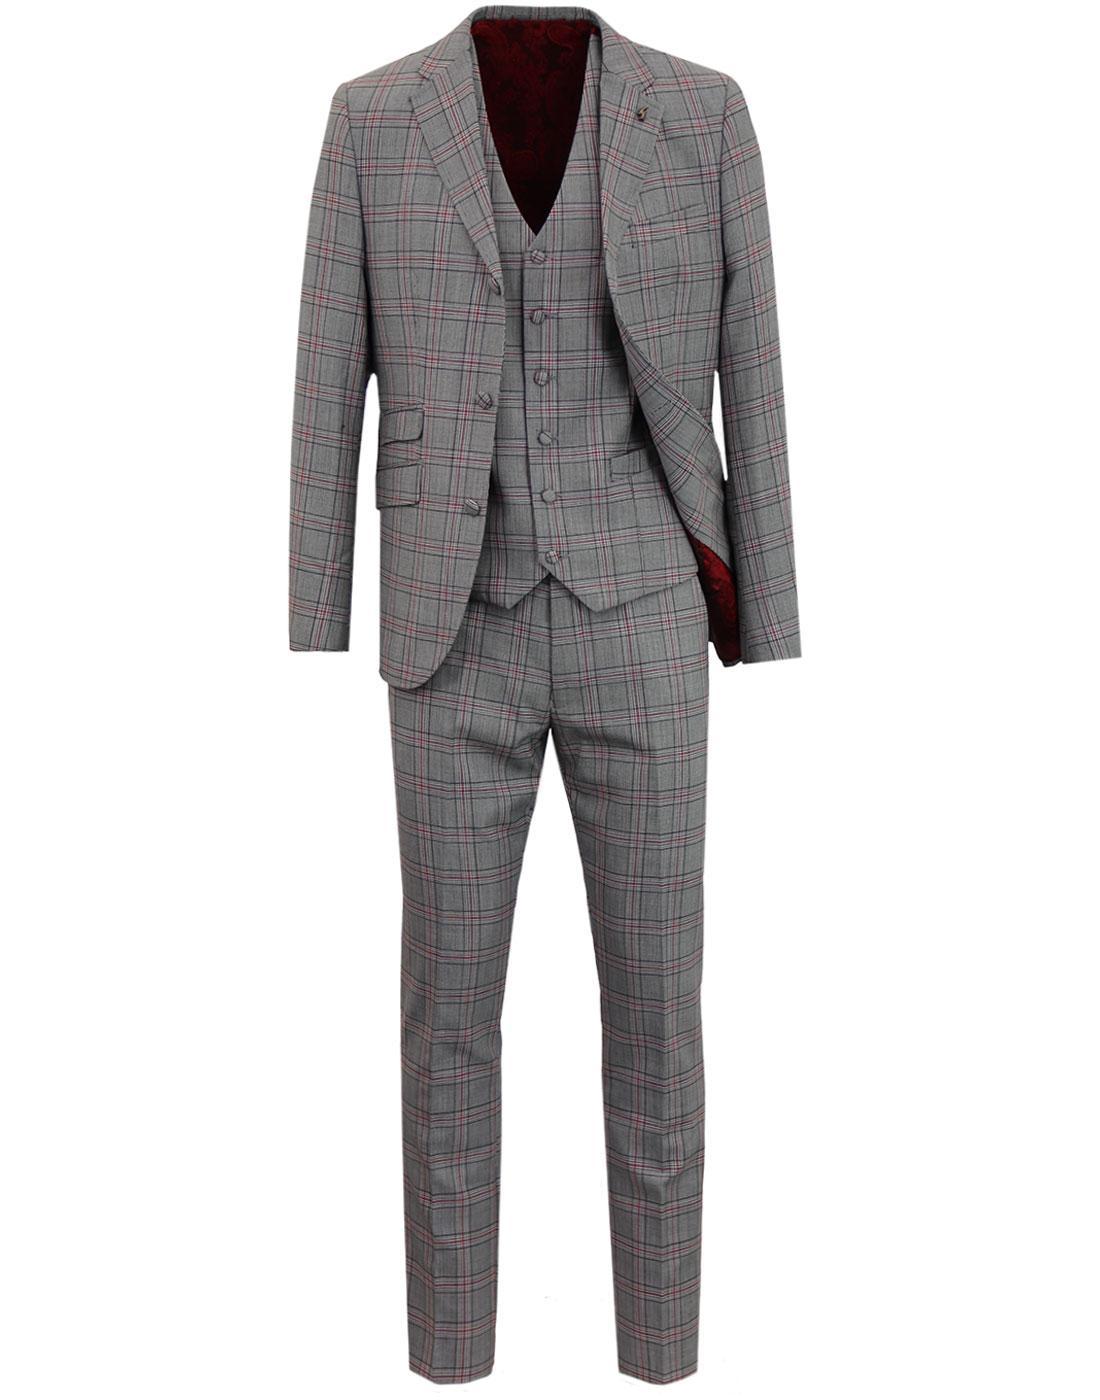 GABICCI VINTAGE Retro 70s Mod POW Check 3 Pce Suit